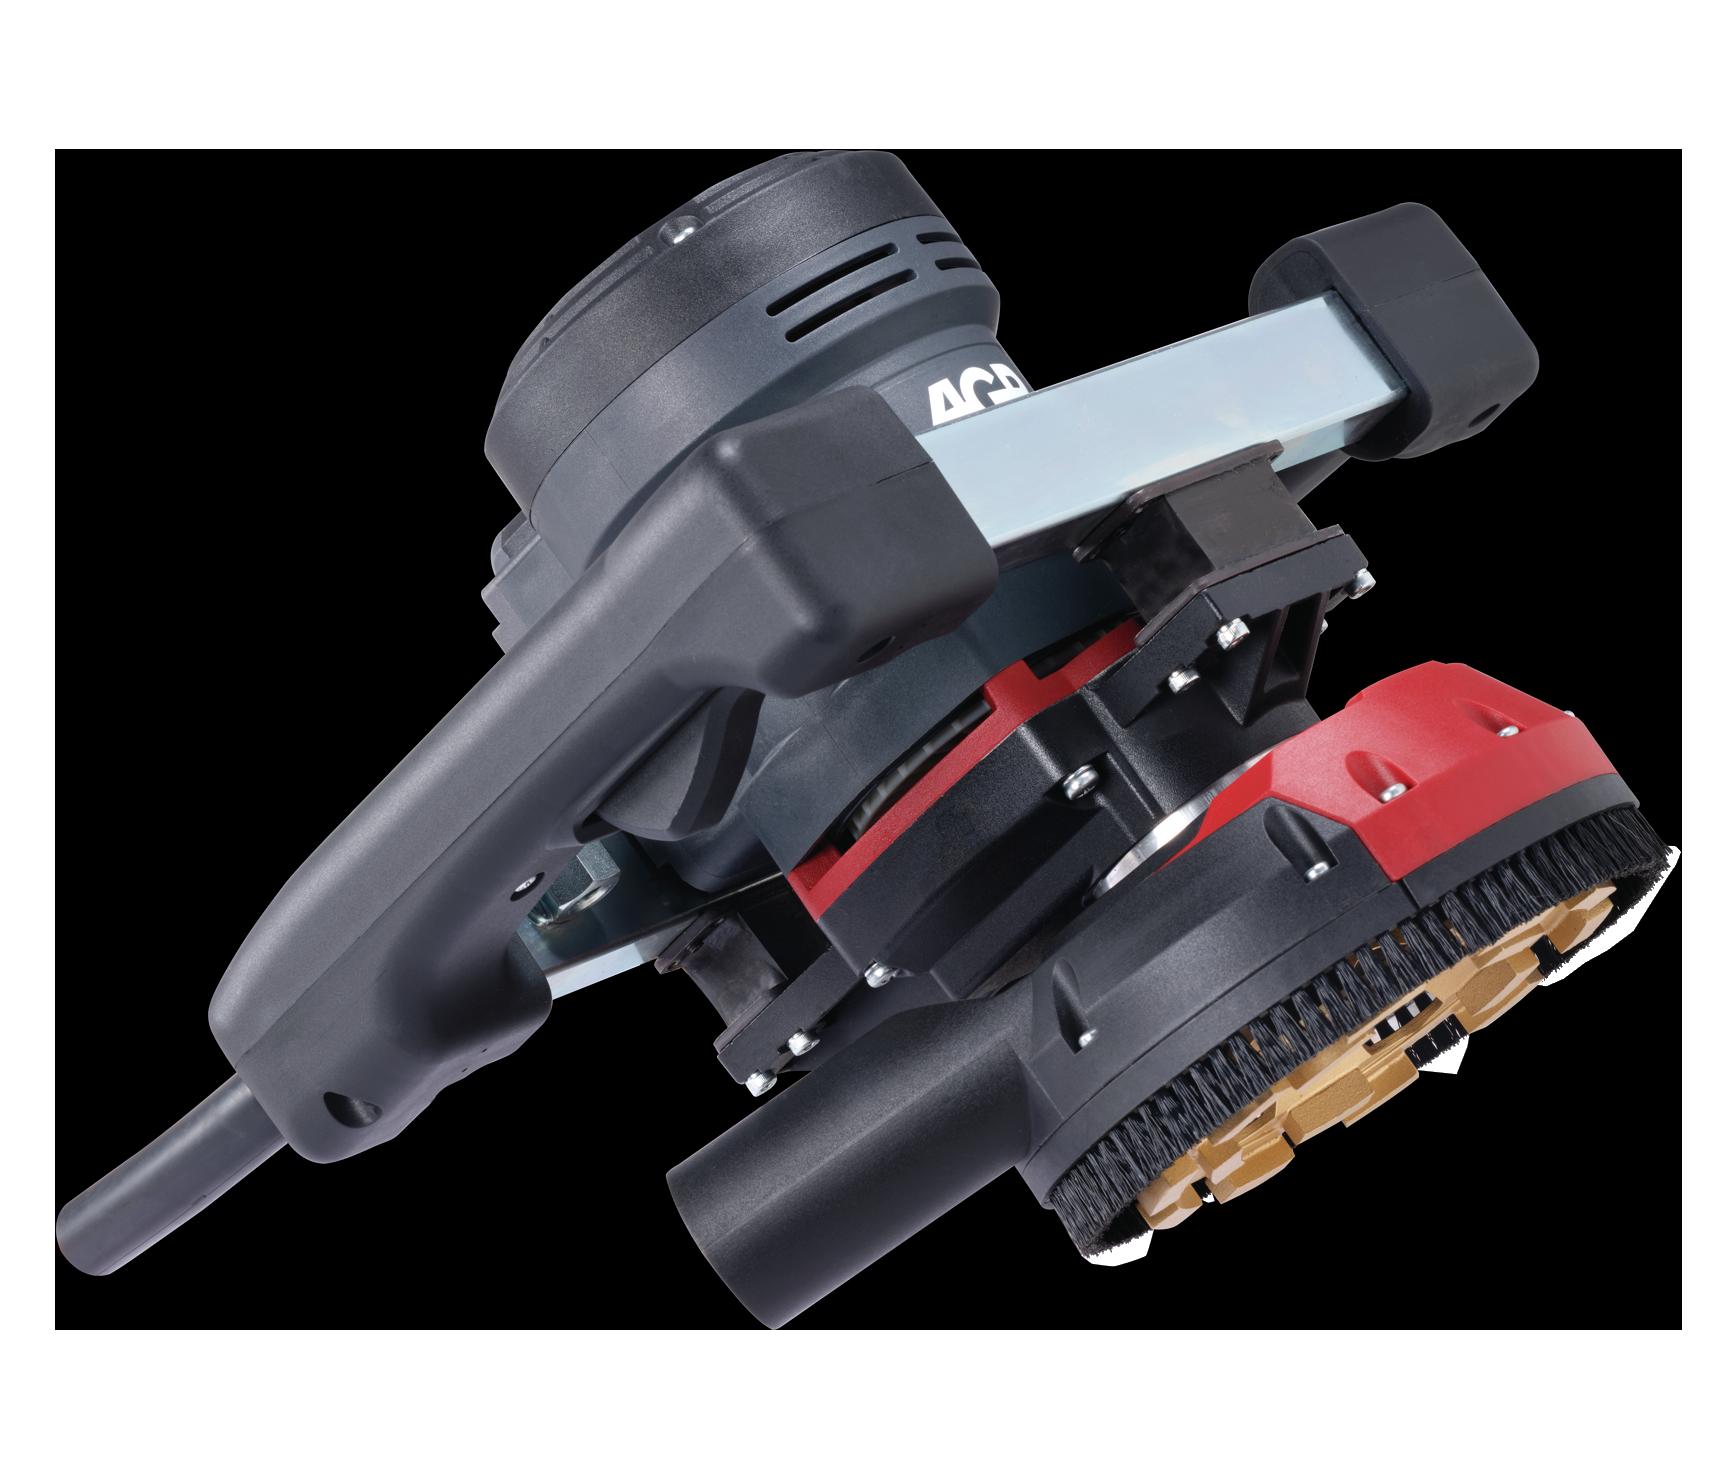 BG5 + P4K Power Converter